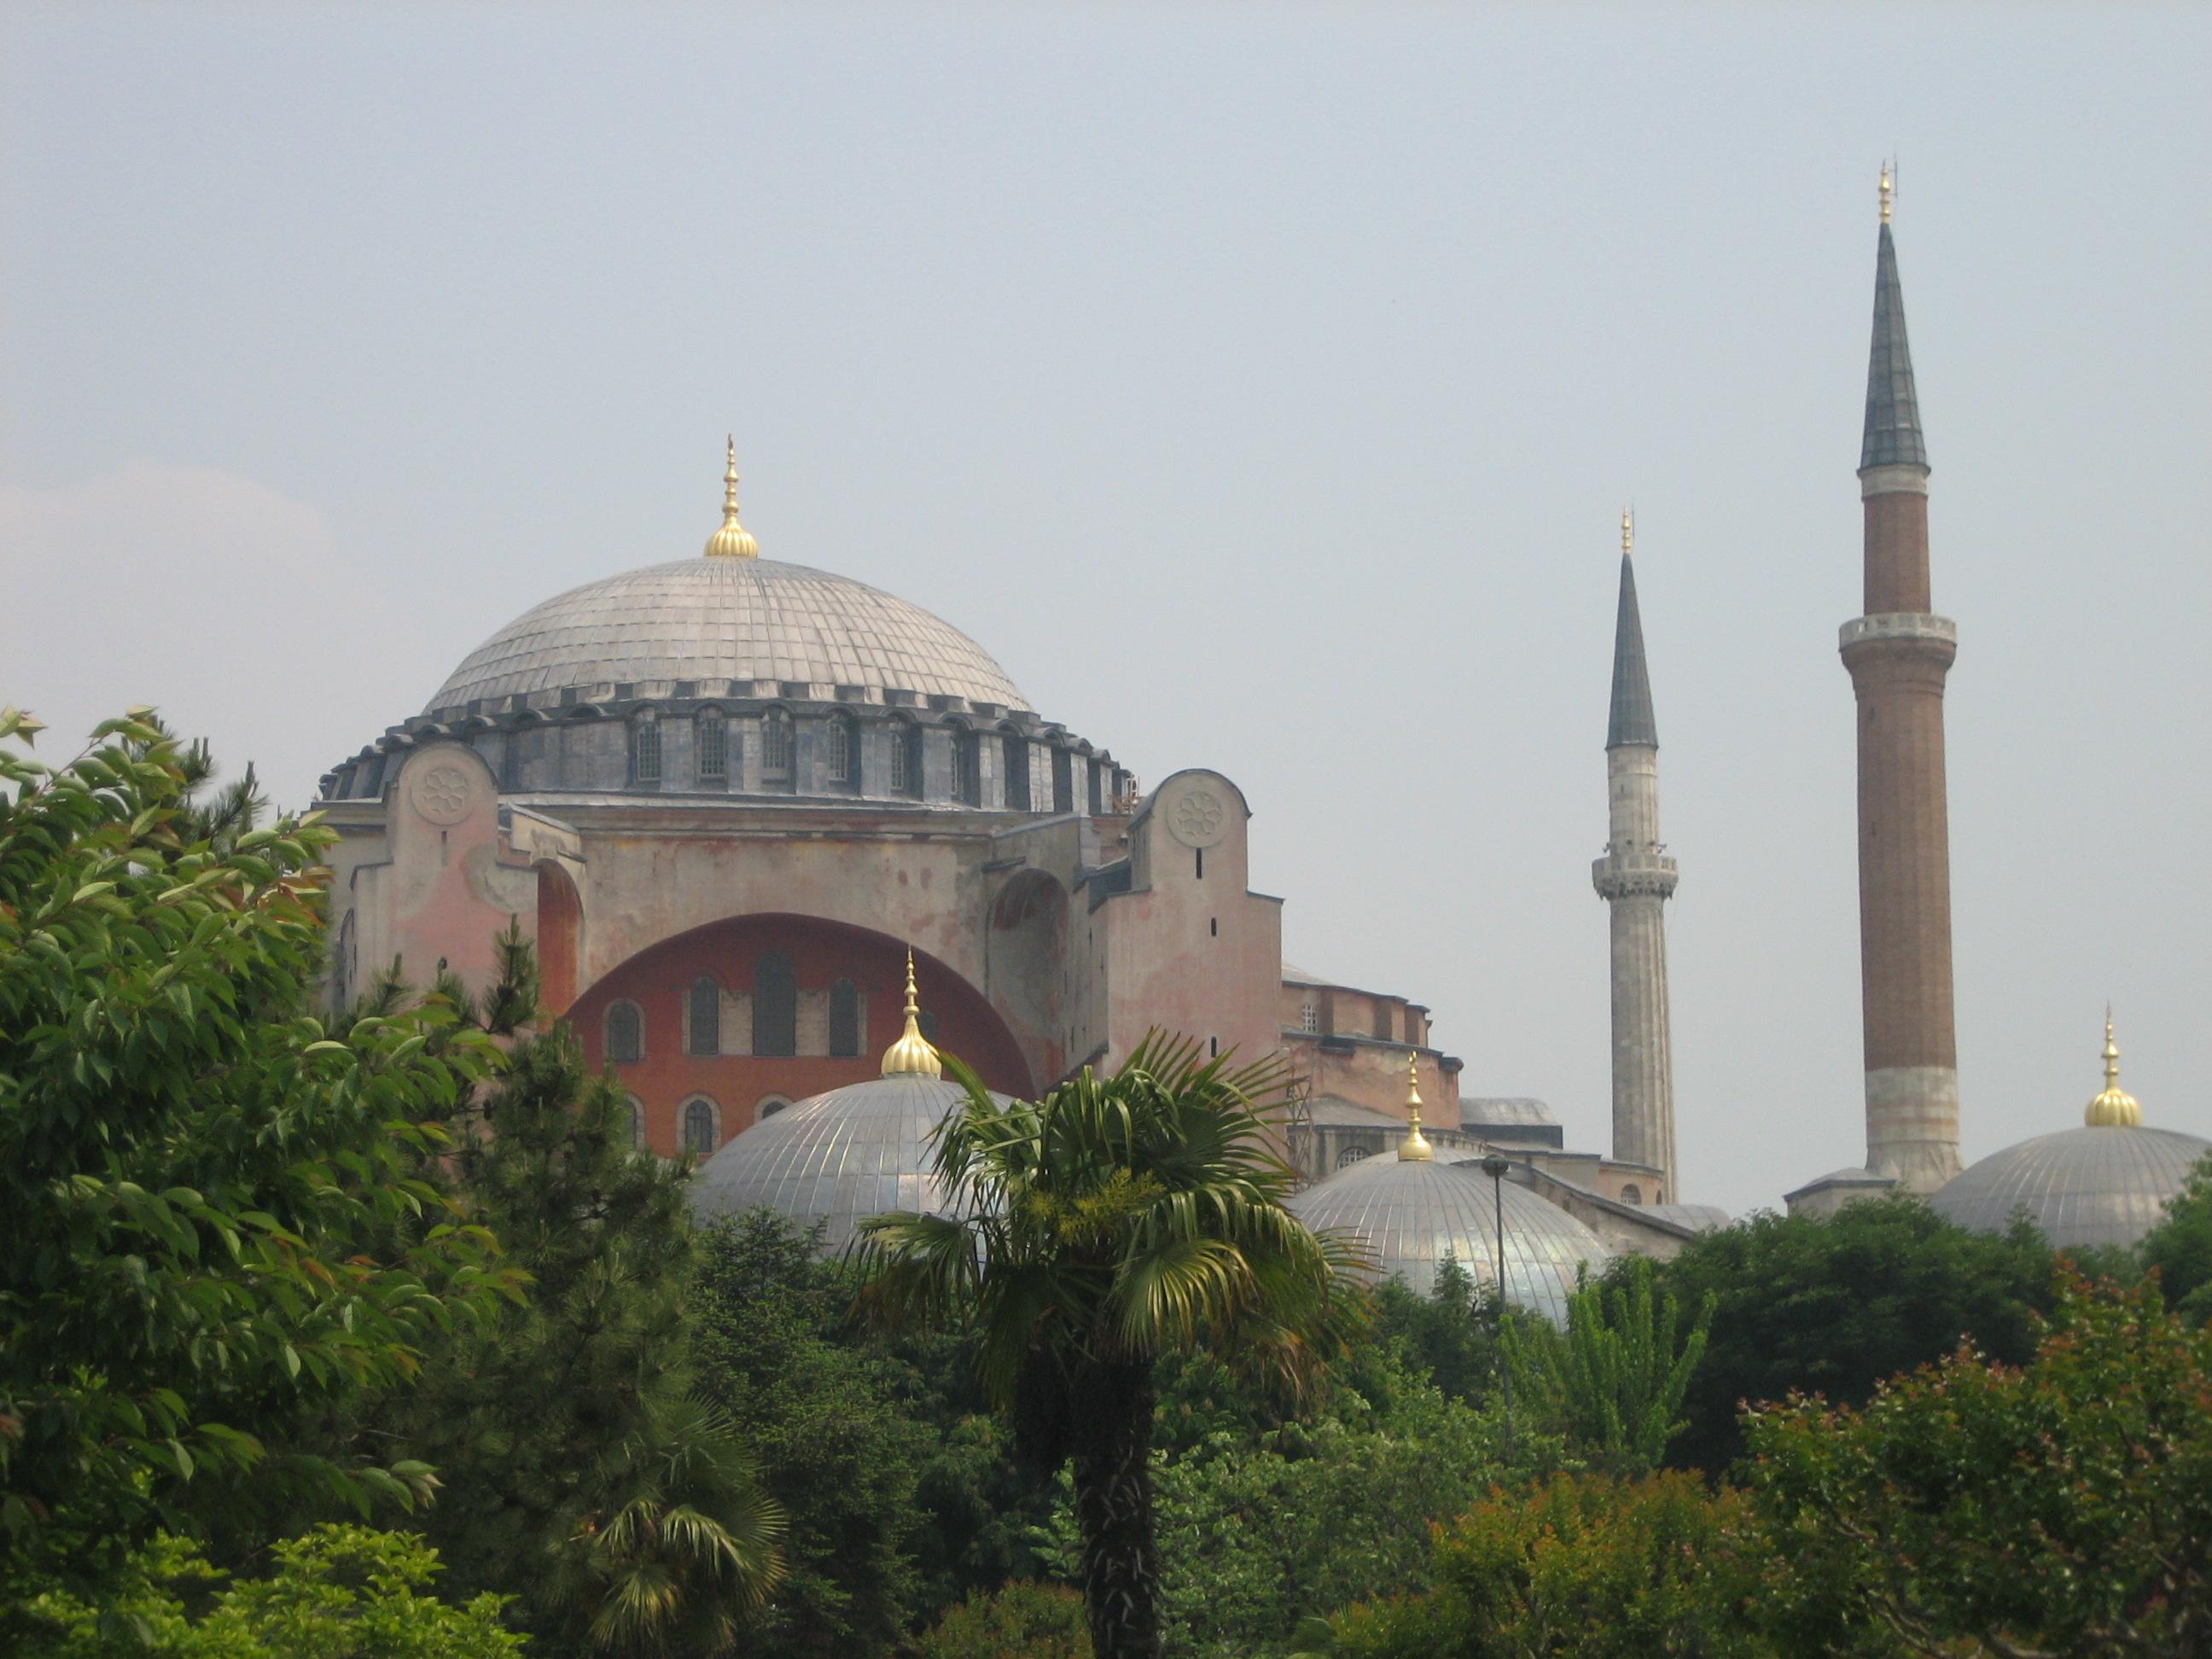 Comunicado de ACN sobre Hagia Sophia